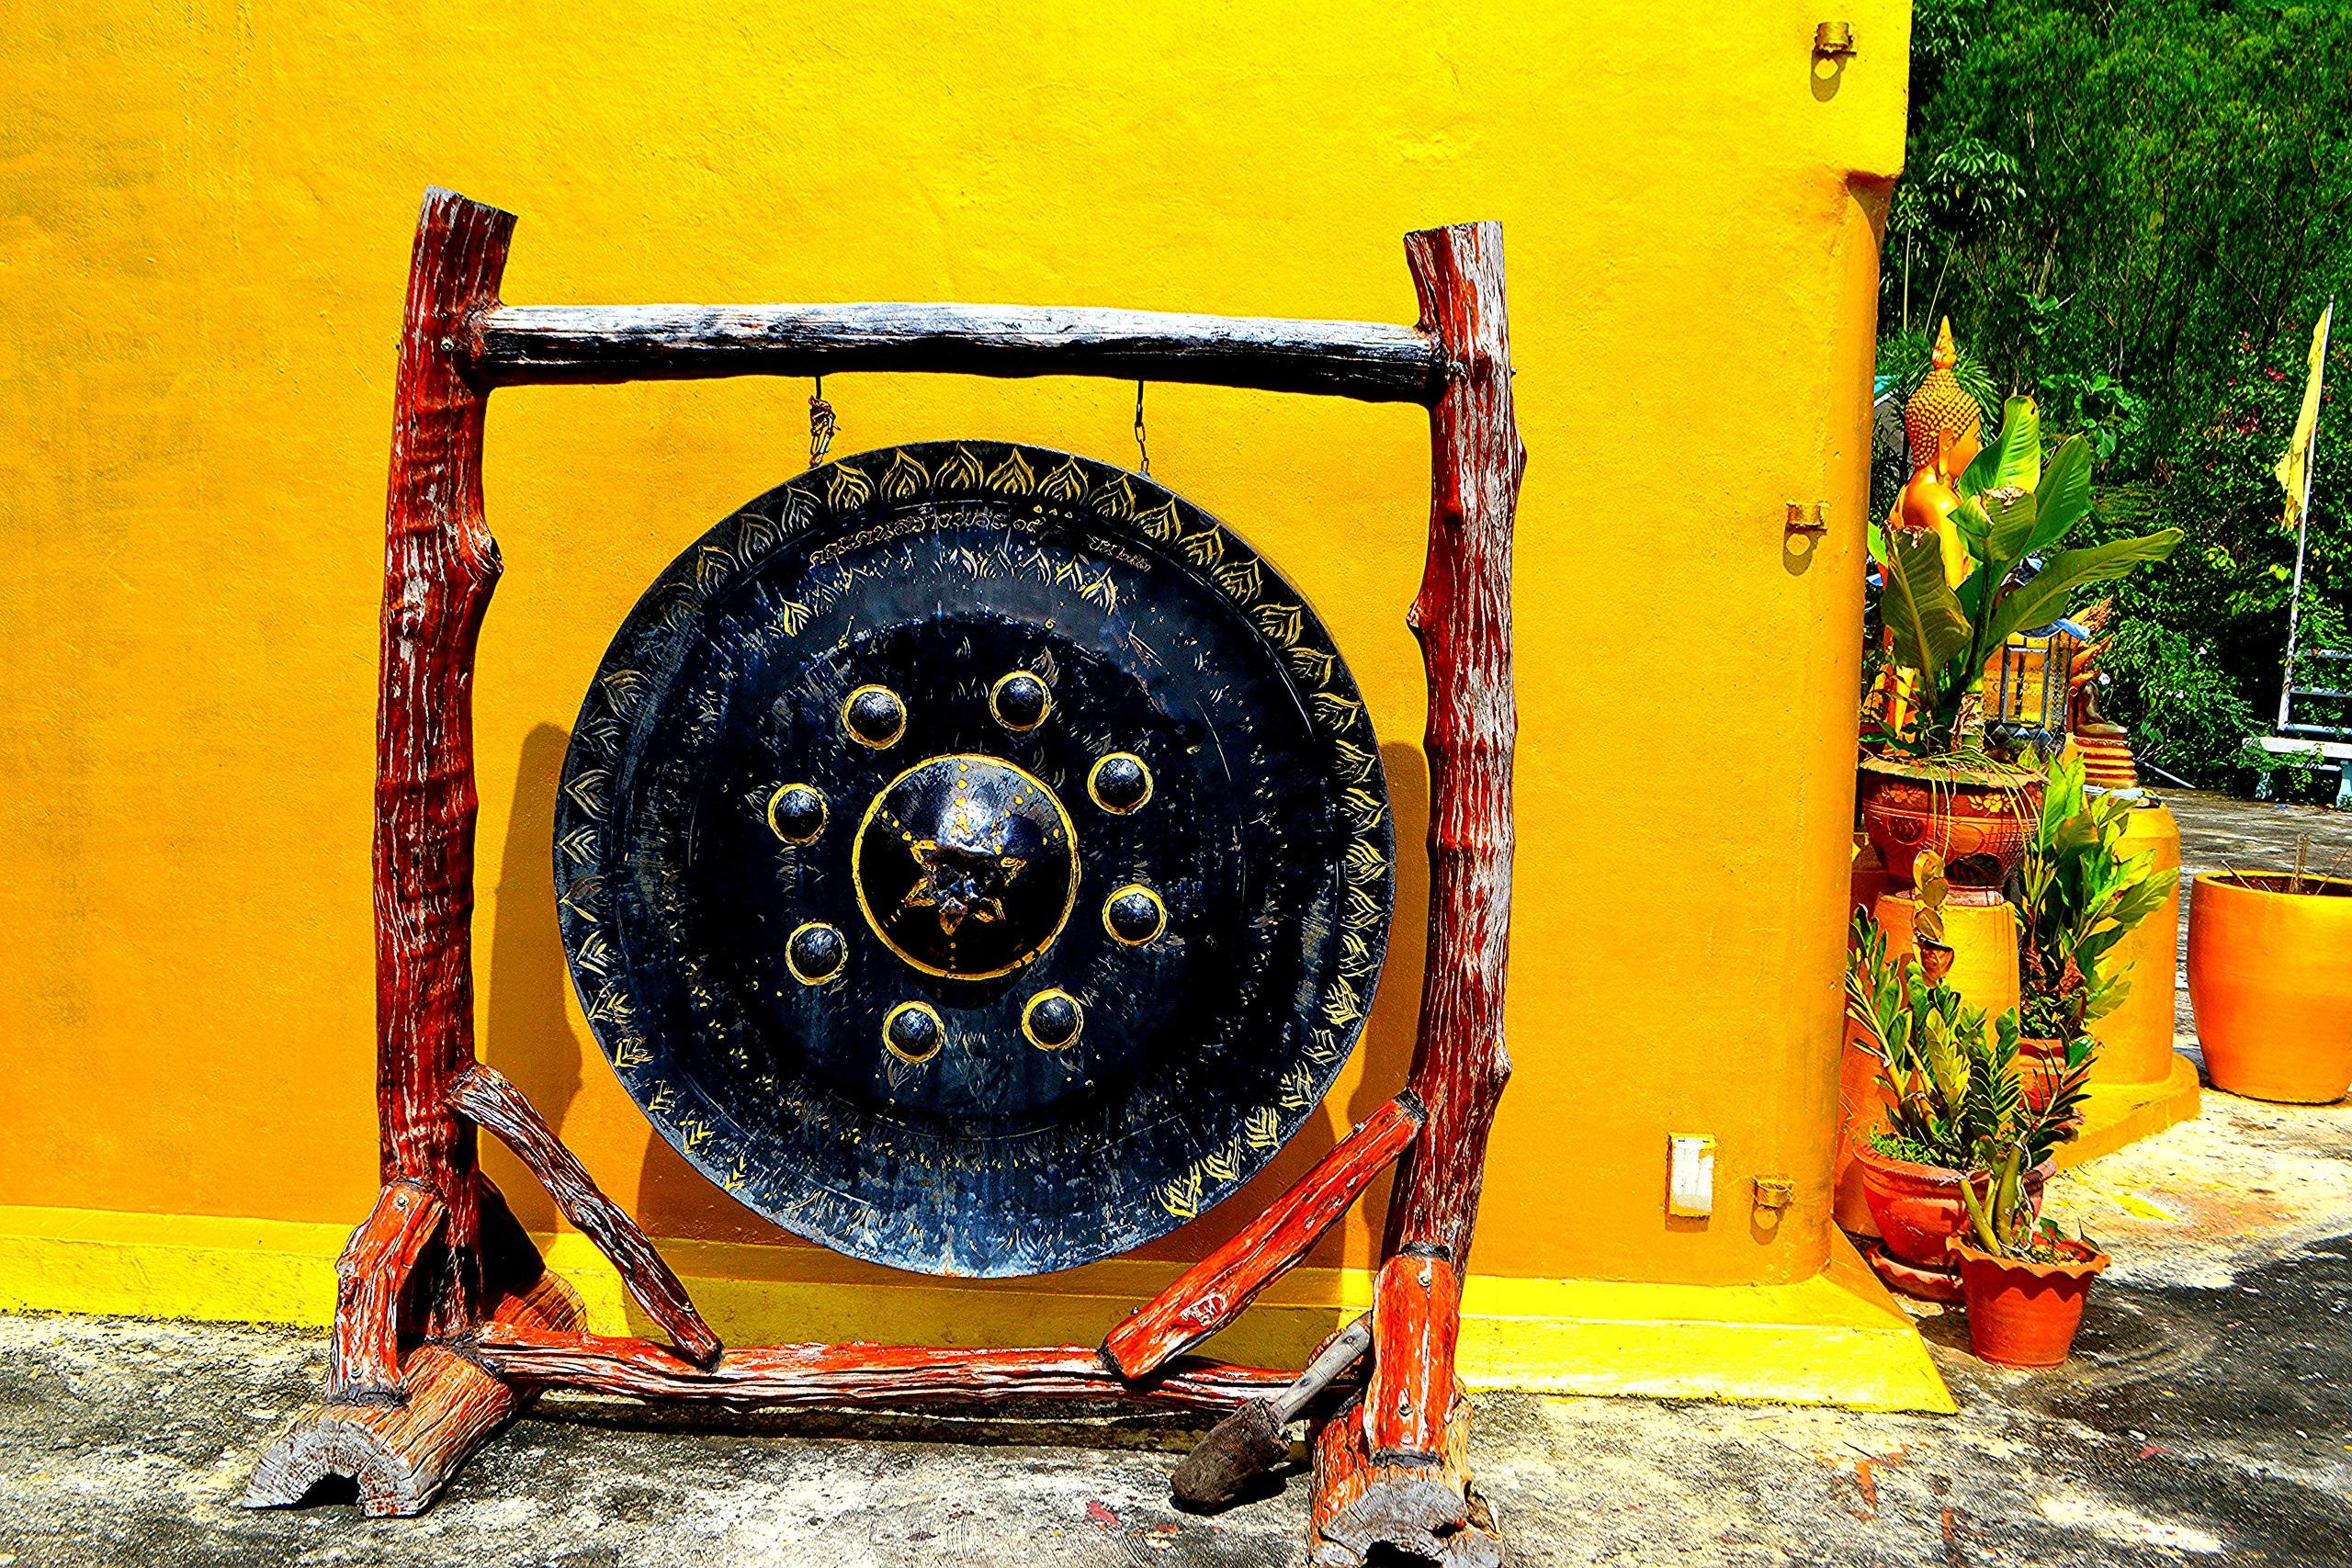 Елена Руденко (Валтея). Таиланд. Буддийский храм в горах. XsiQ9NIAun4